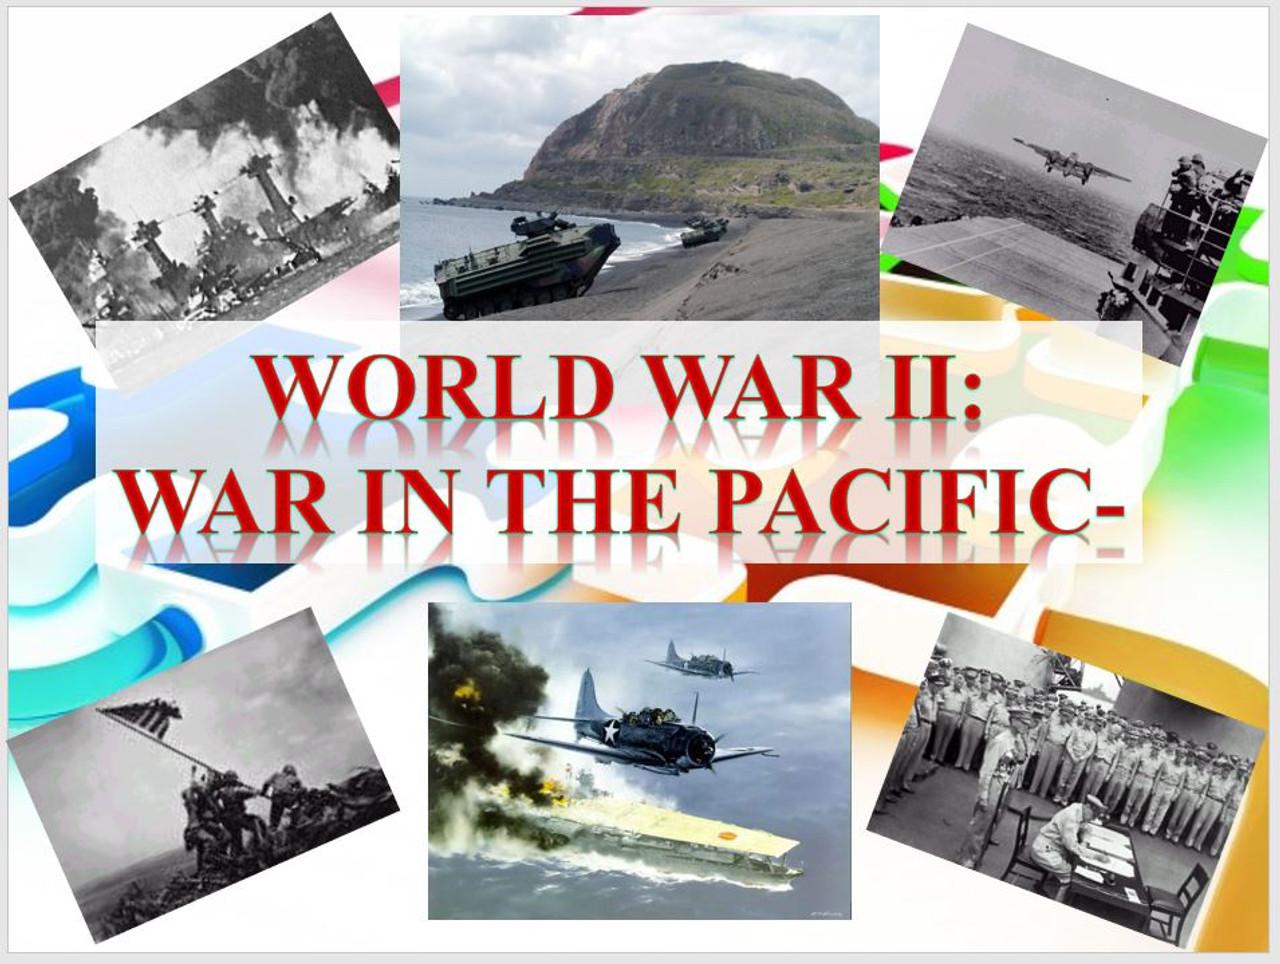 World War II-War in the Pacific